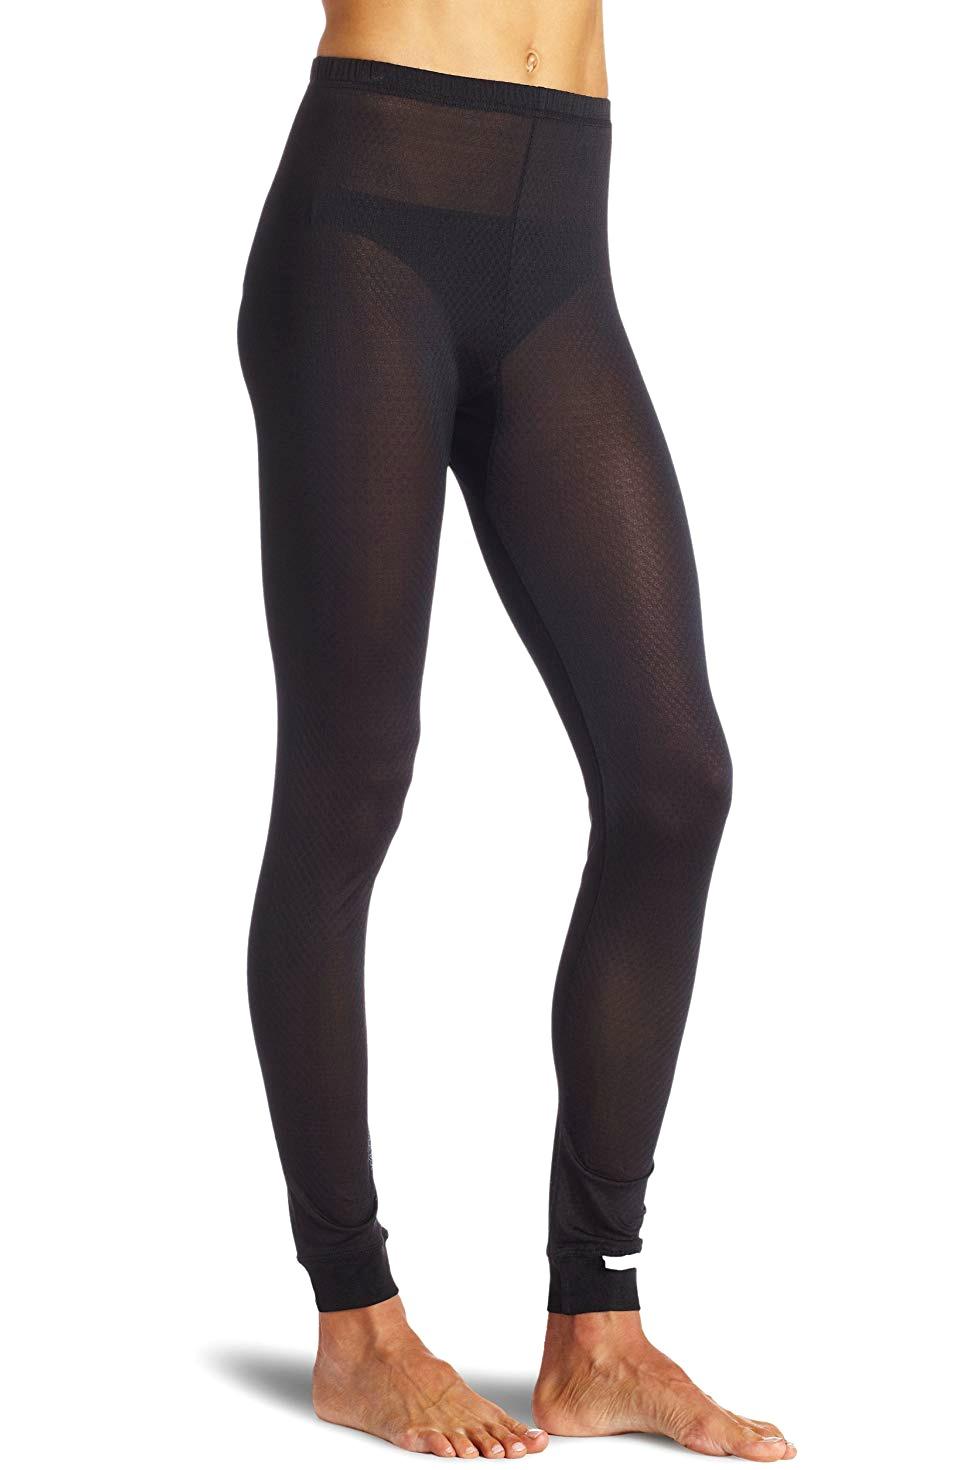 warmest-long-underwear-for-women